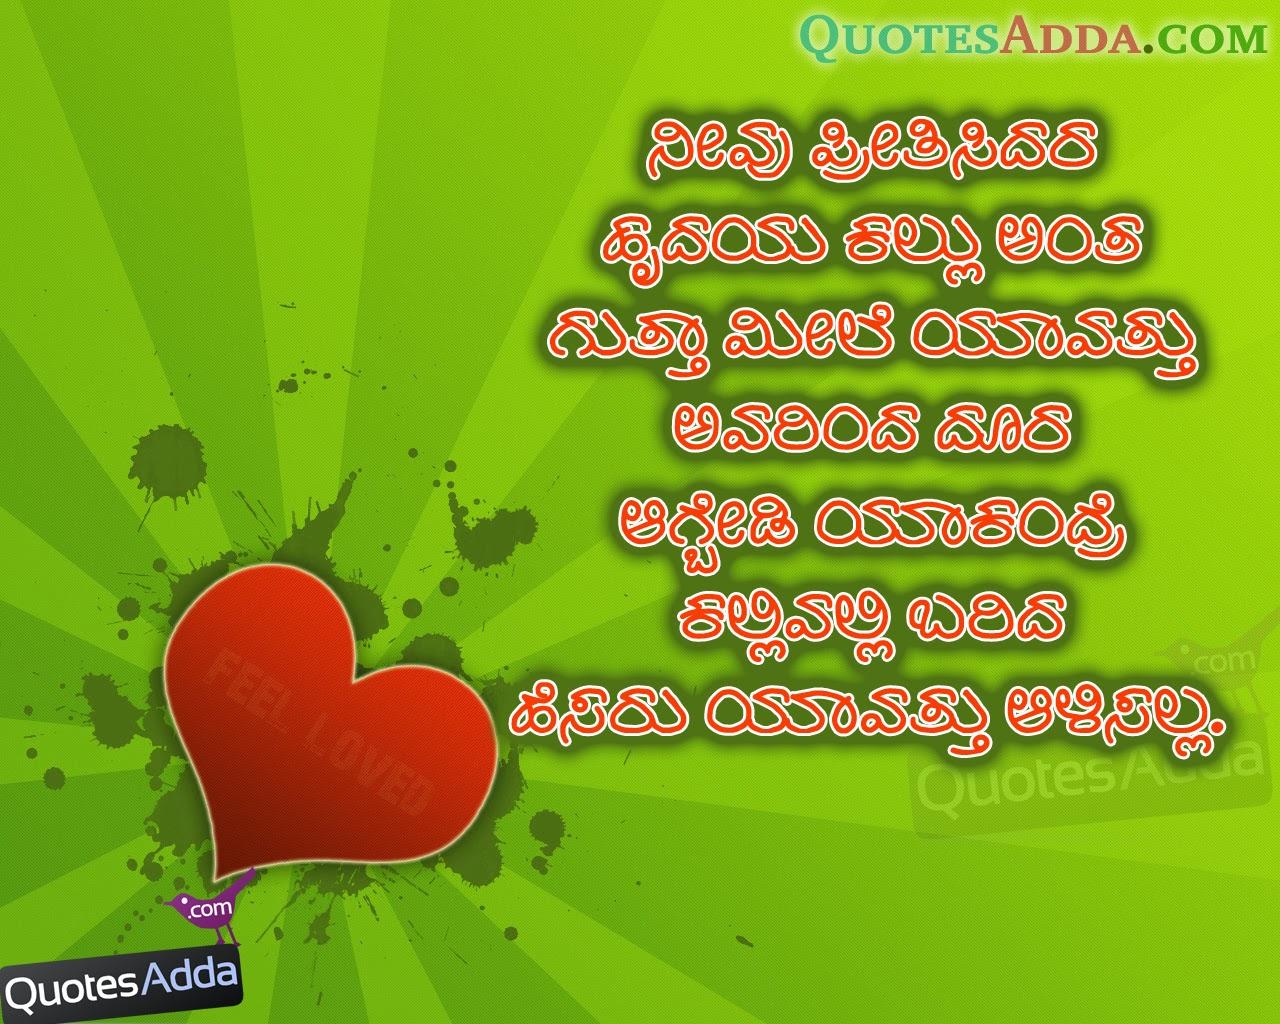 Kannada Love Quotes  Quotes Adda Com Quotes Tamil Quotes